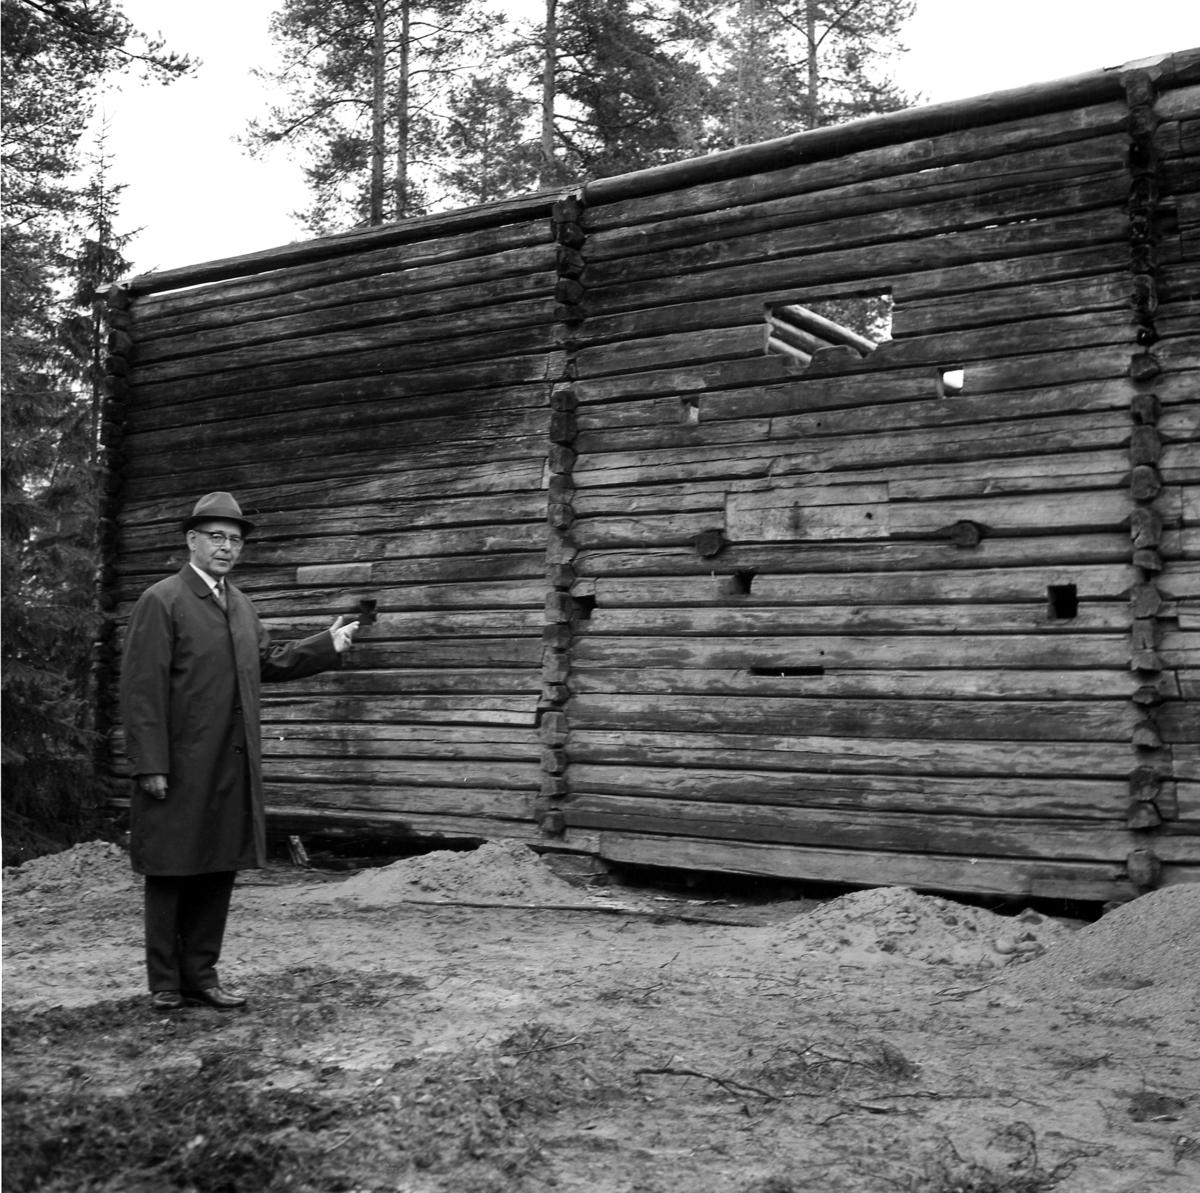 Håvard Skirbekk